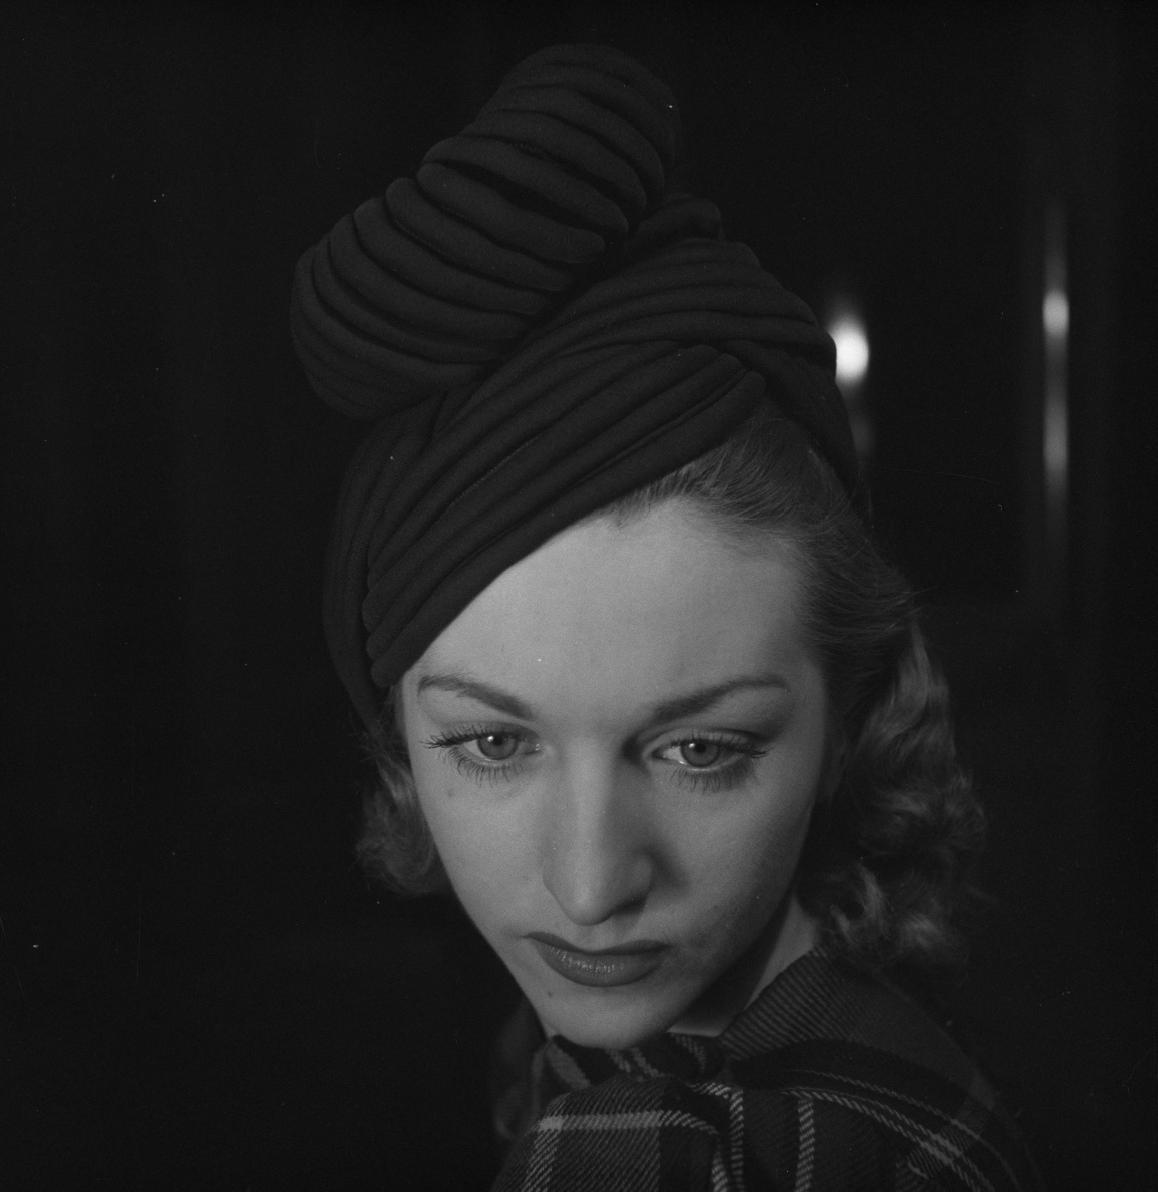 31. Женщина примеряет шляпу